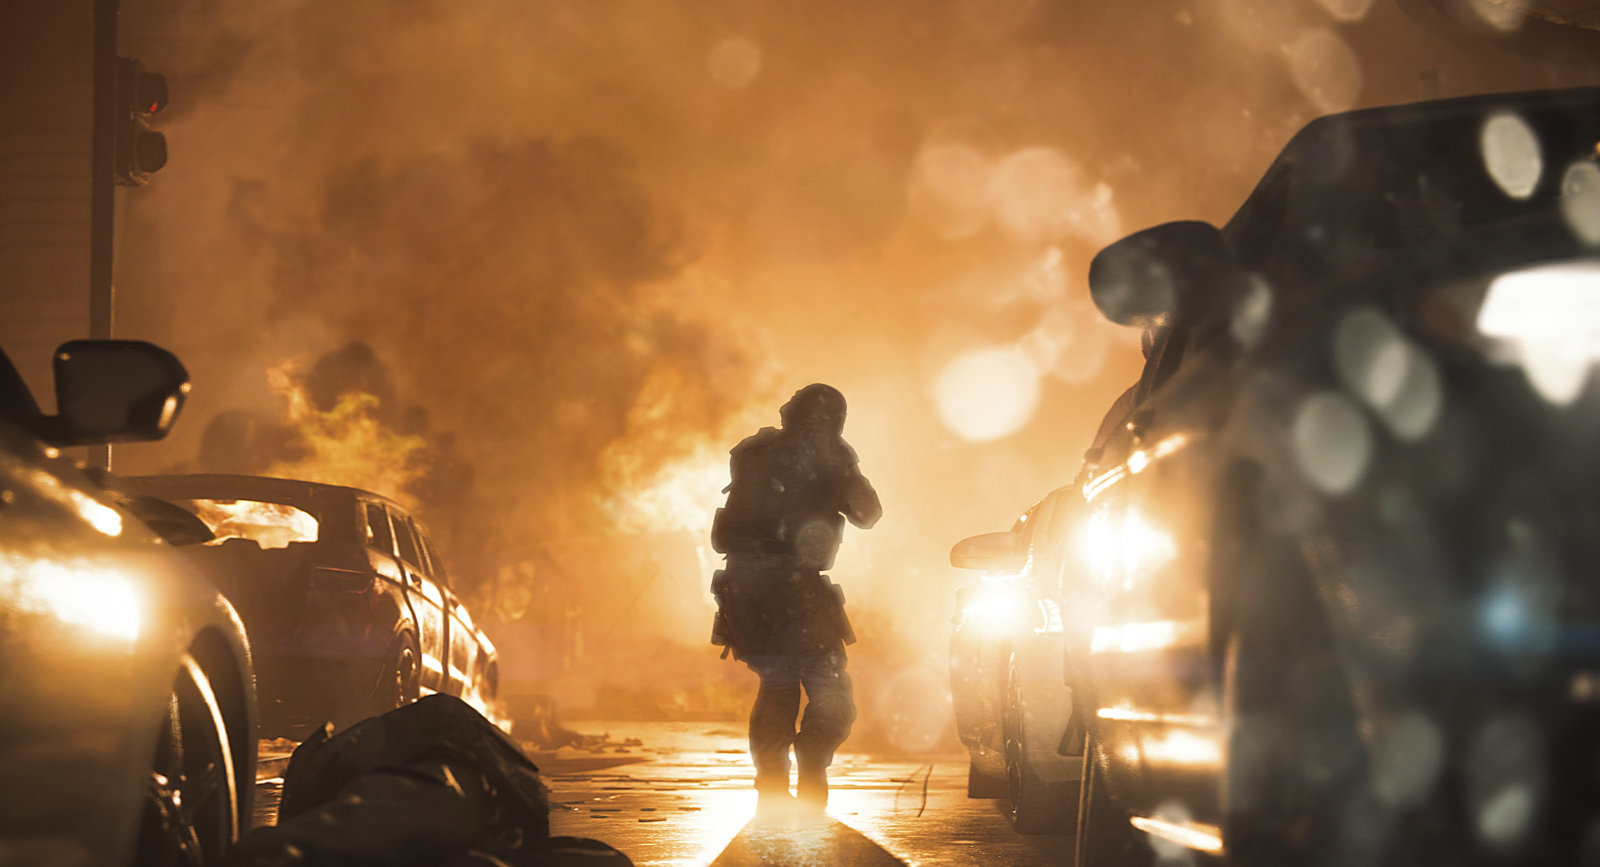 渲染真实  《COD现代战争》 会随玩家行动产生分支对话